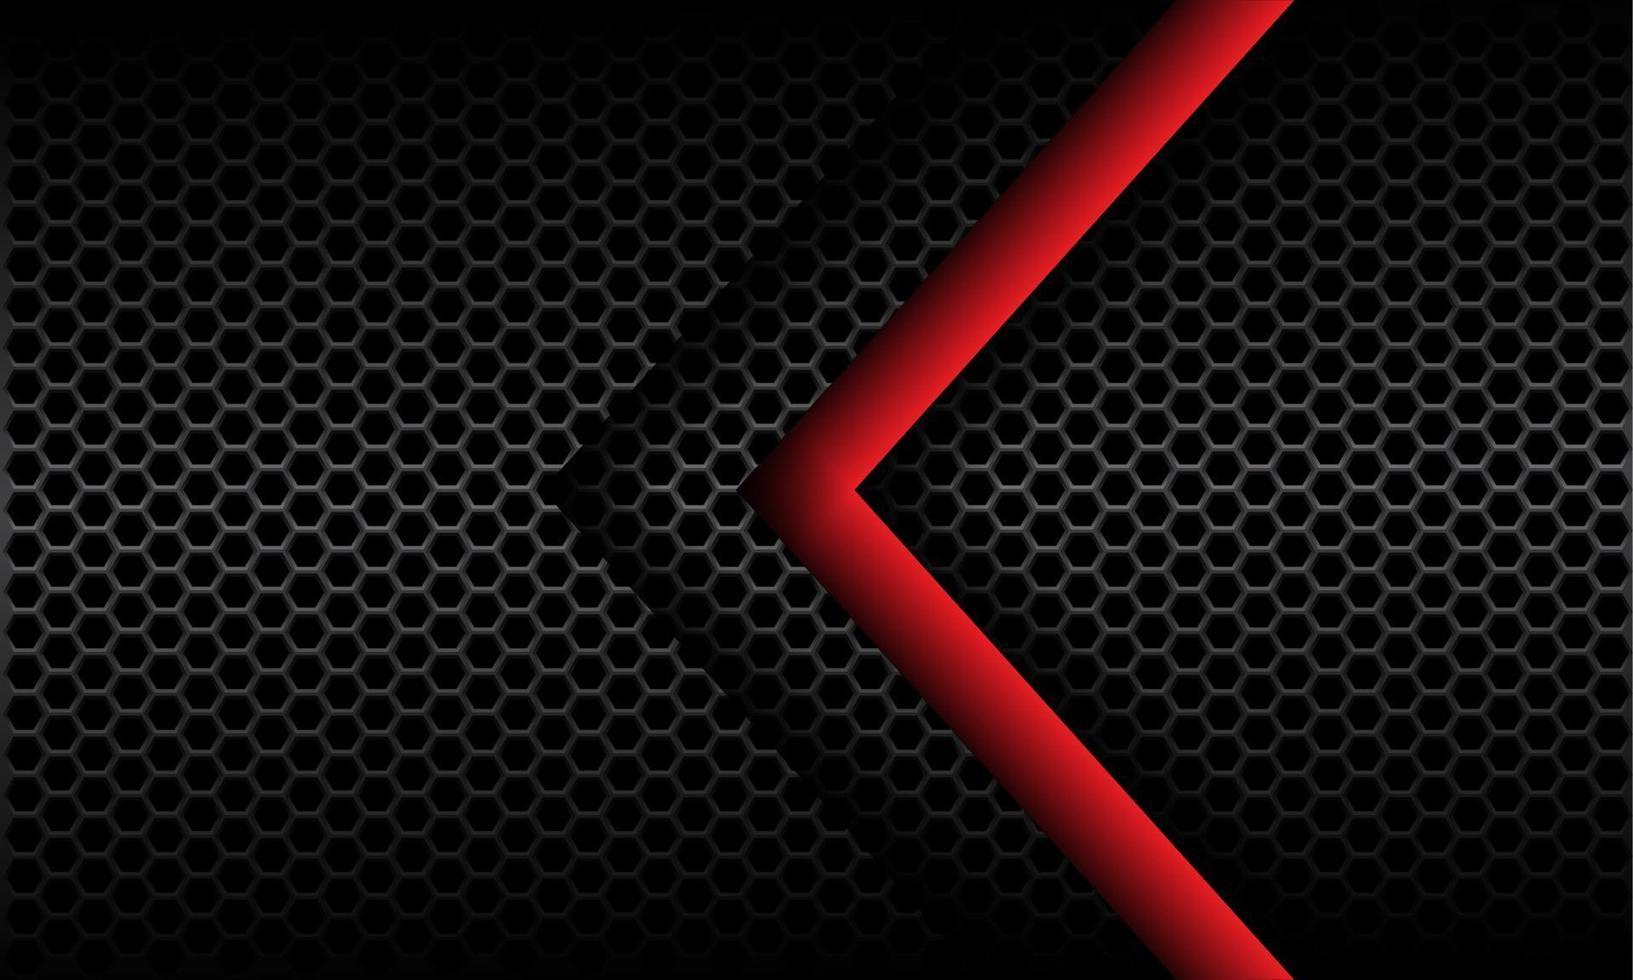 Dirección de la flecha roja abstracta en el ejemplo futurista moderno del vector del diseño del modelo de la malla del hexágono metálico gris oscuro.